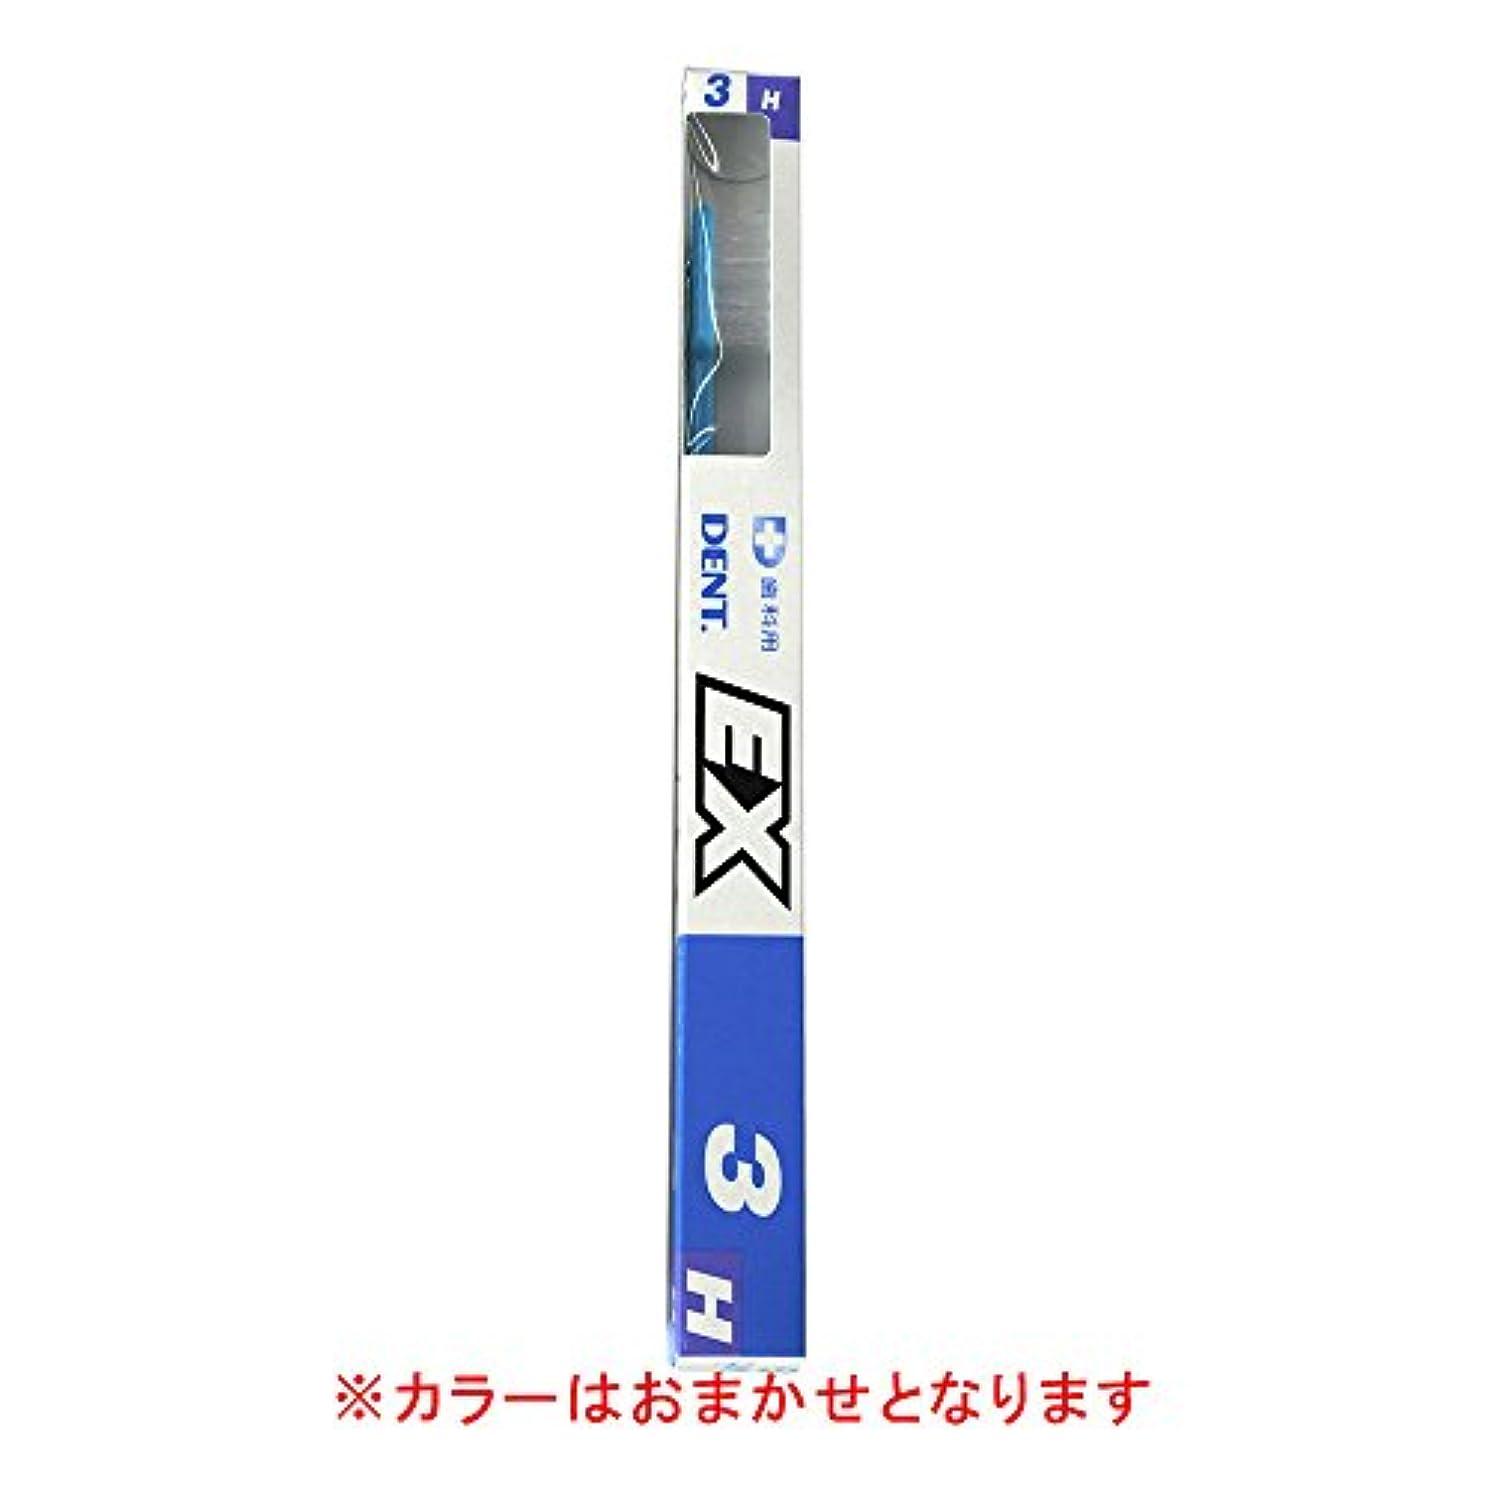 金属背景セレナライオン 歯ブラシ DENT.EX 3H ハード 1本